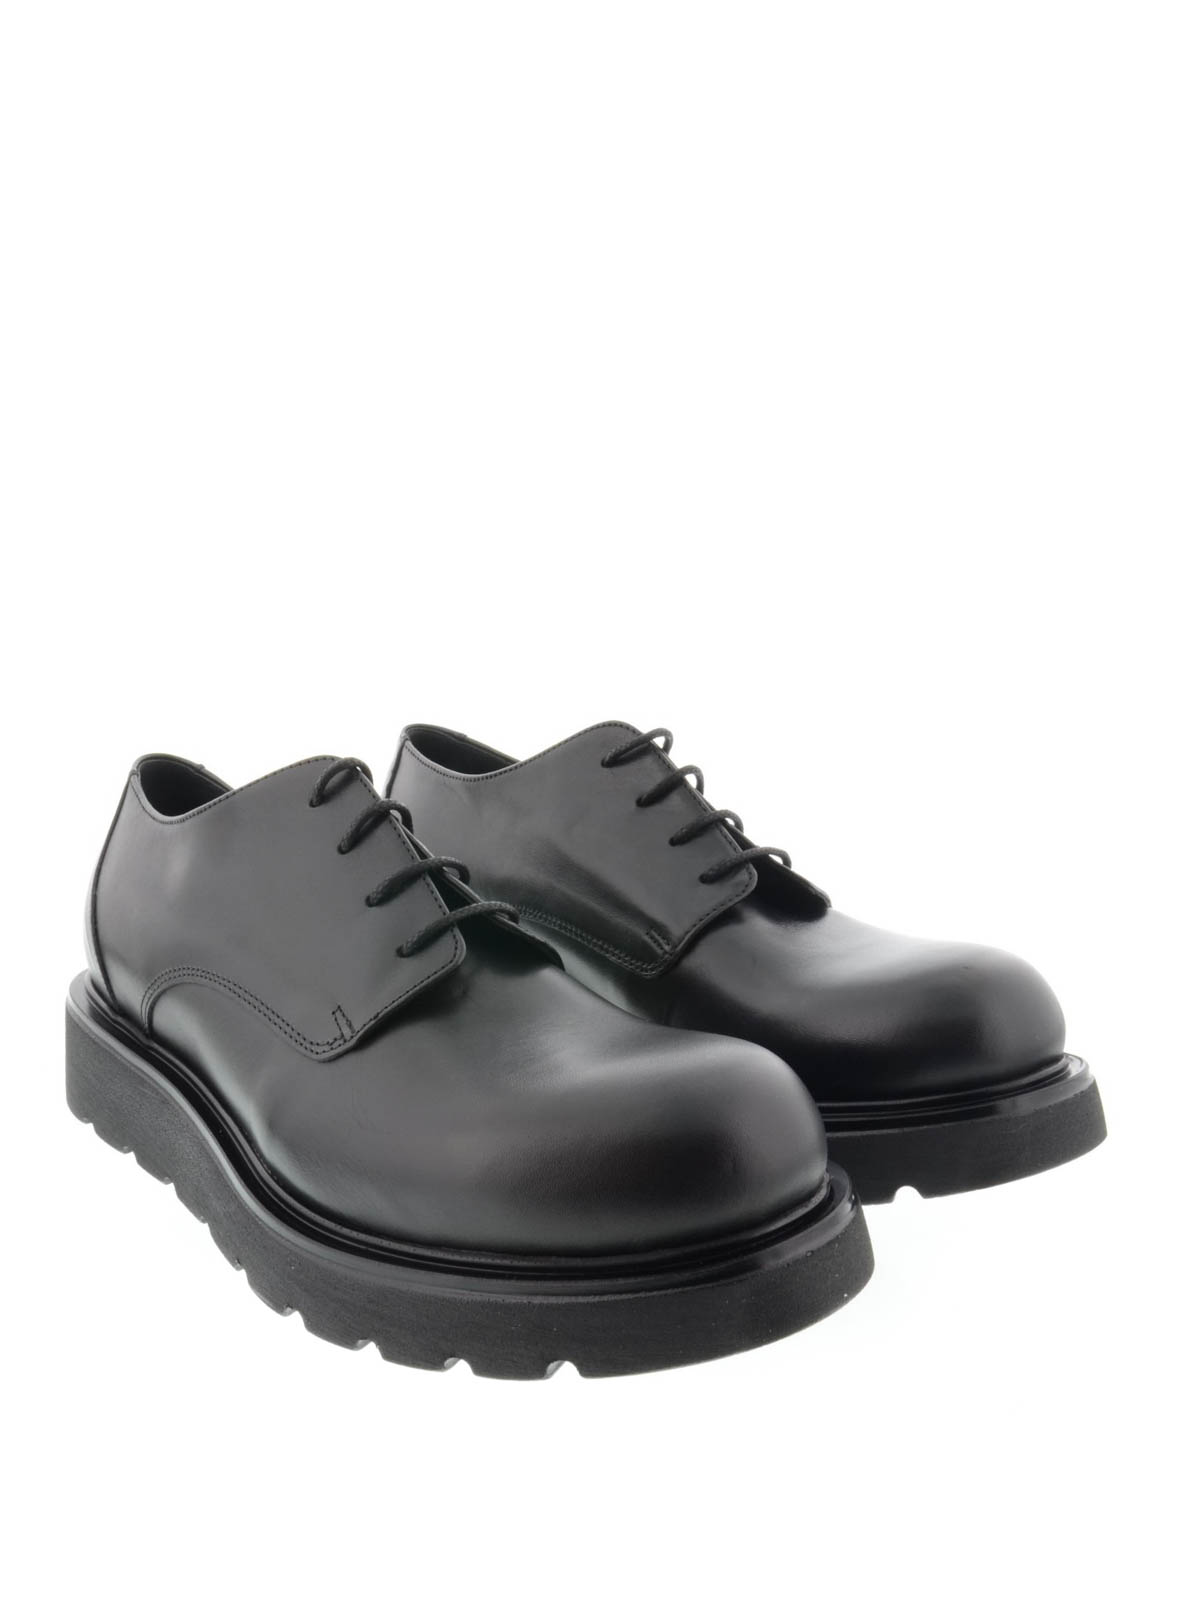 new product 6e9a2 39107 Jfk - Stringate in pelle - scarpe stringate - P1847NERO